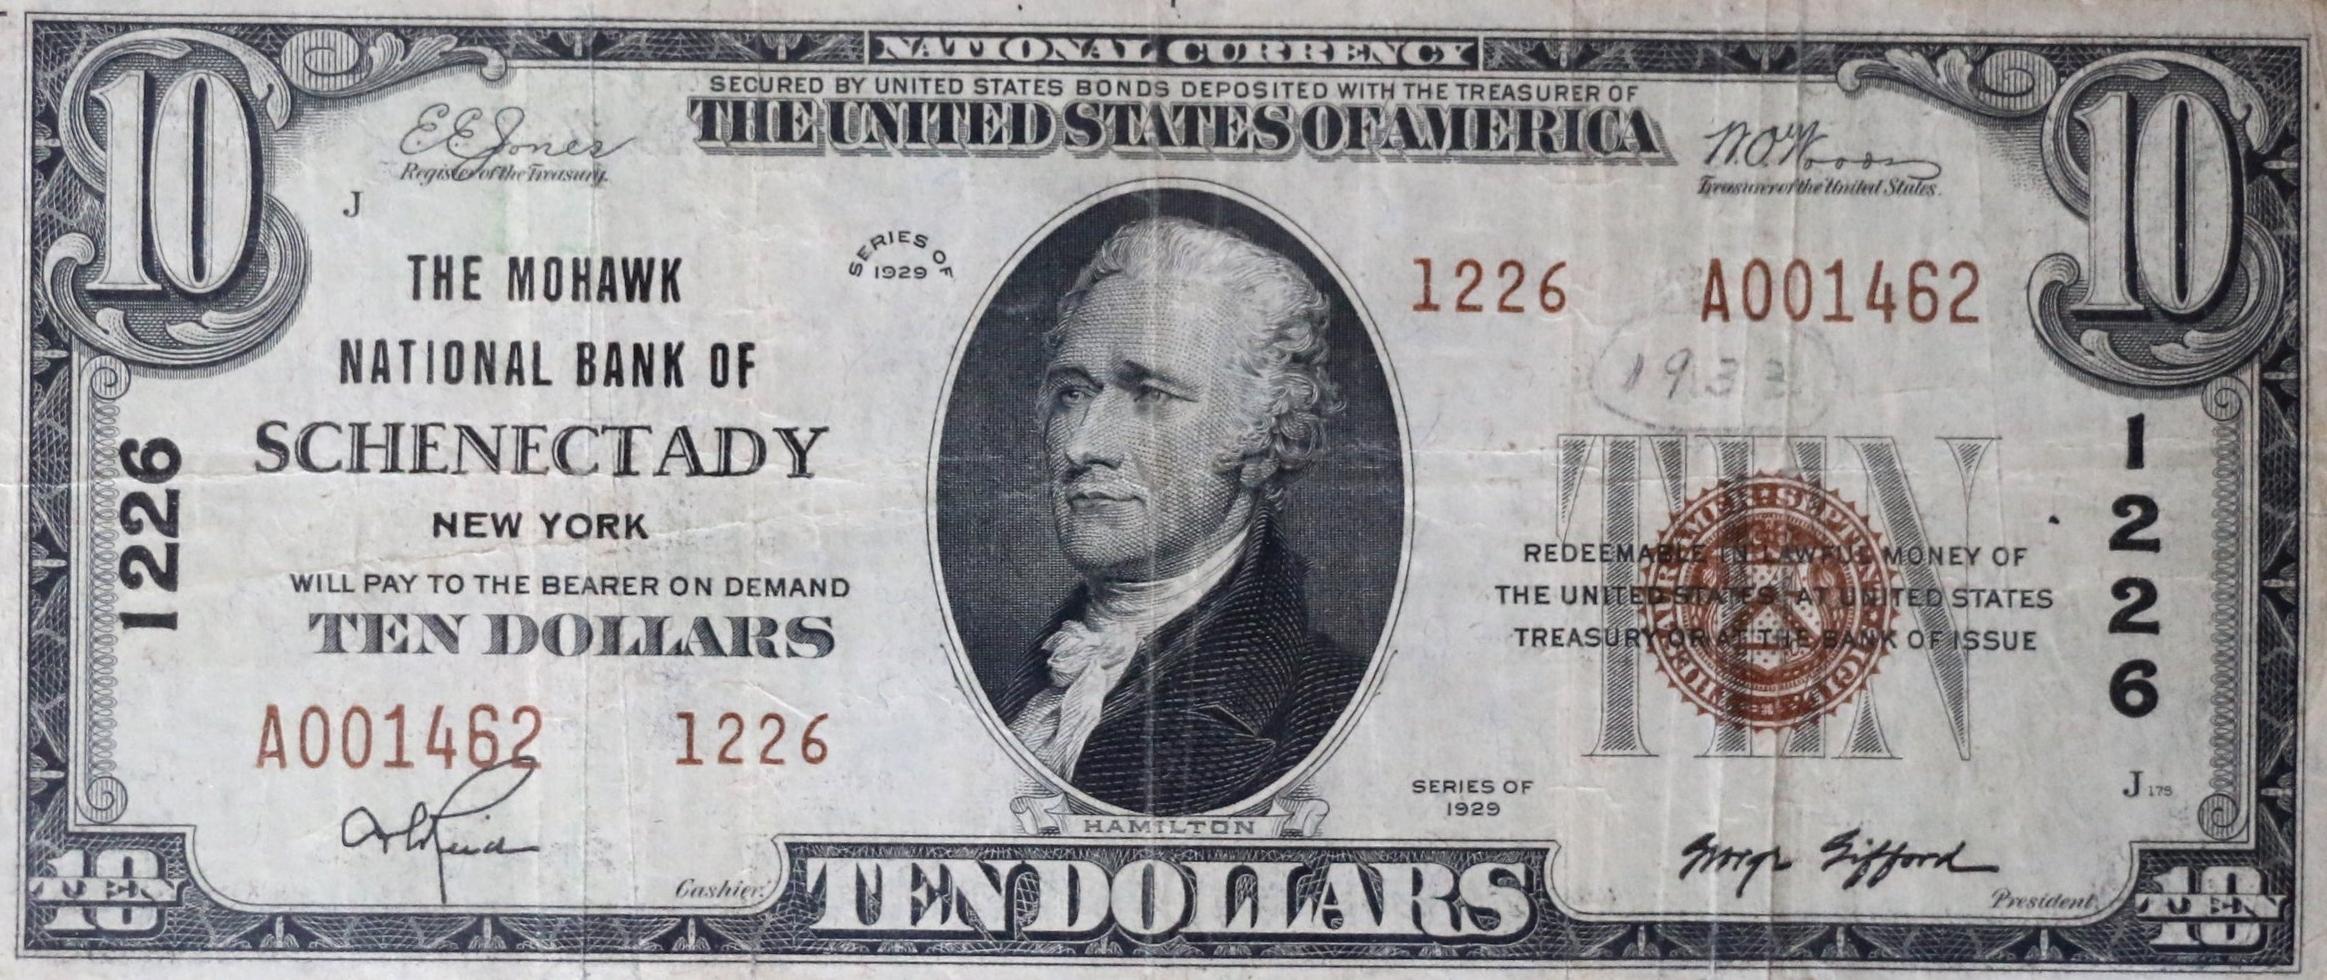 29-Schtdy-$10-Small-Ferris_Coin.jpg